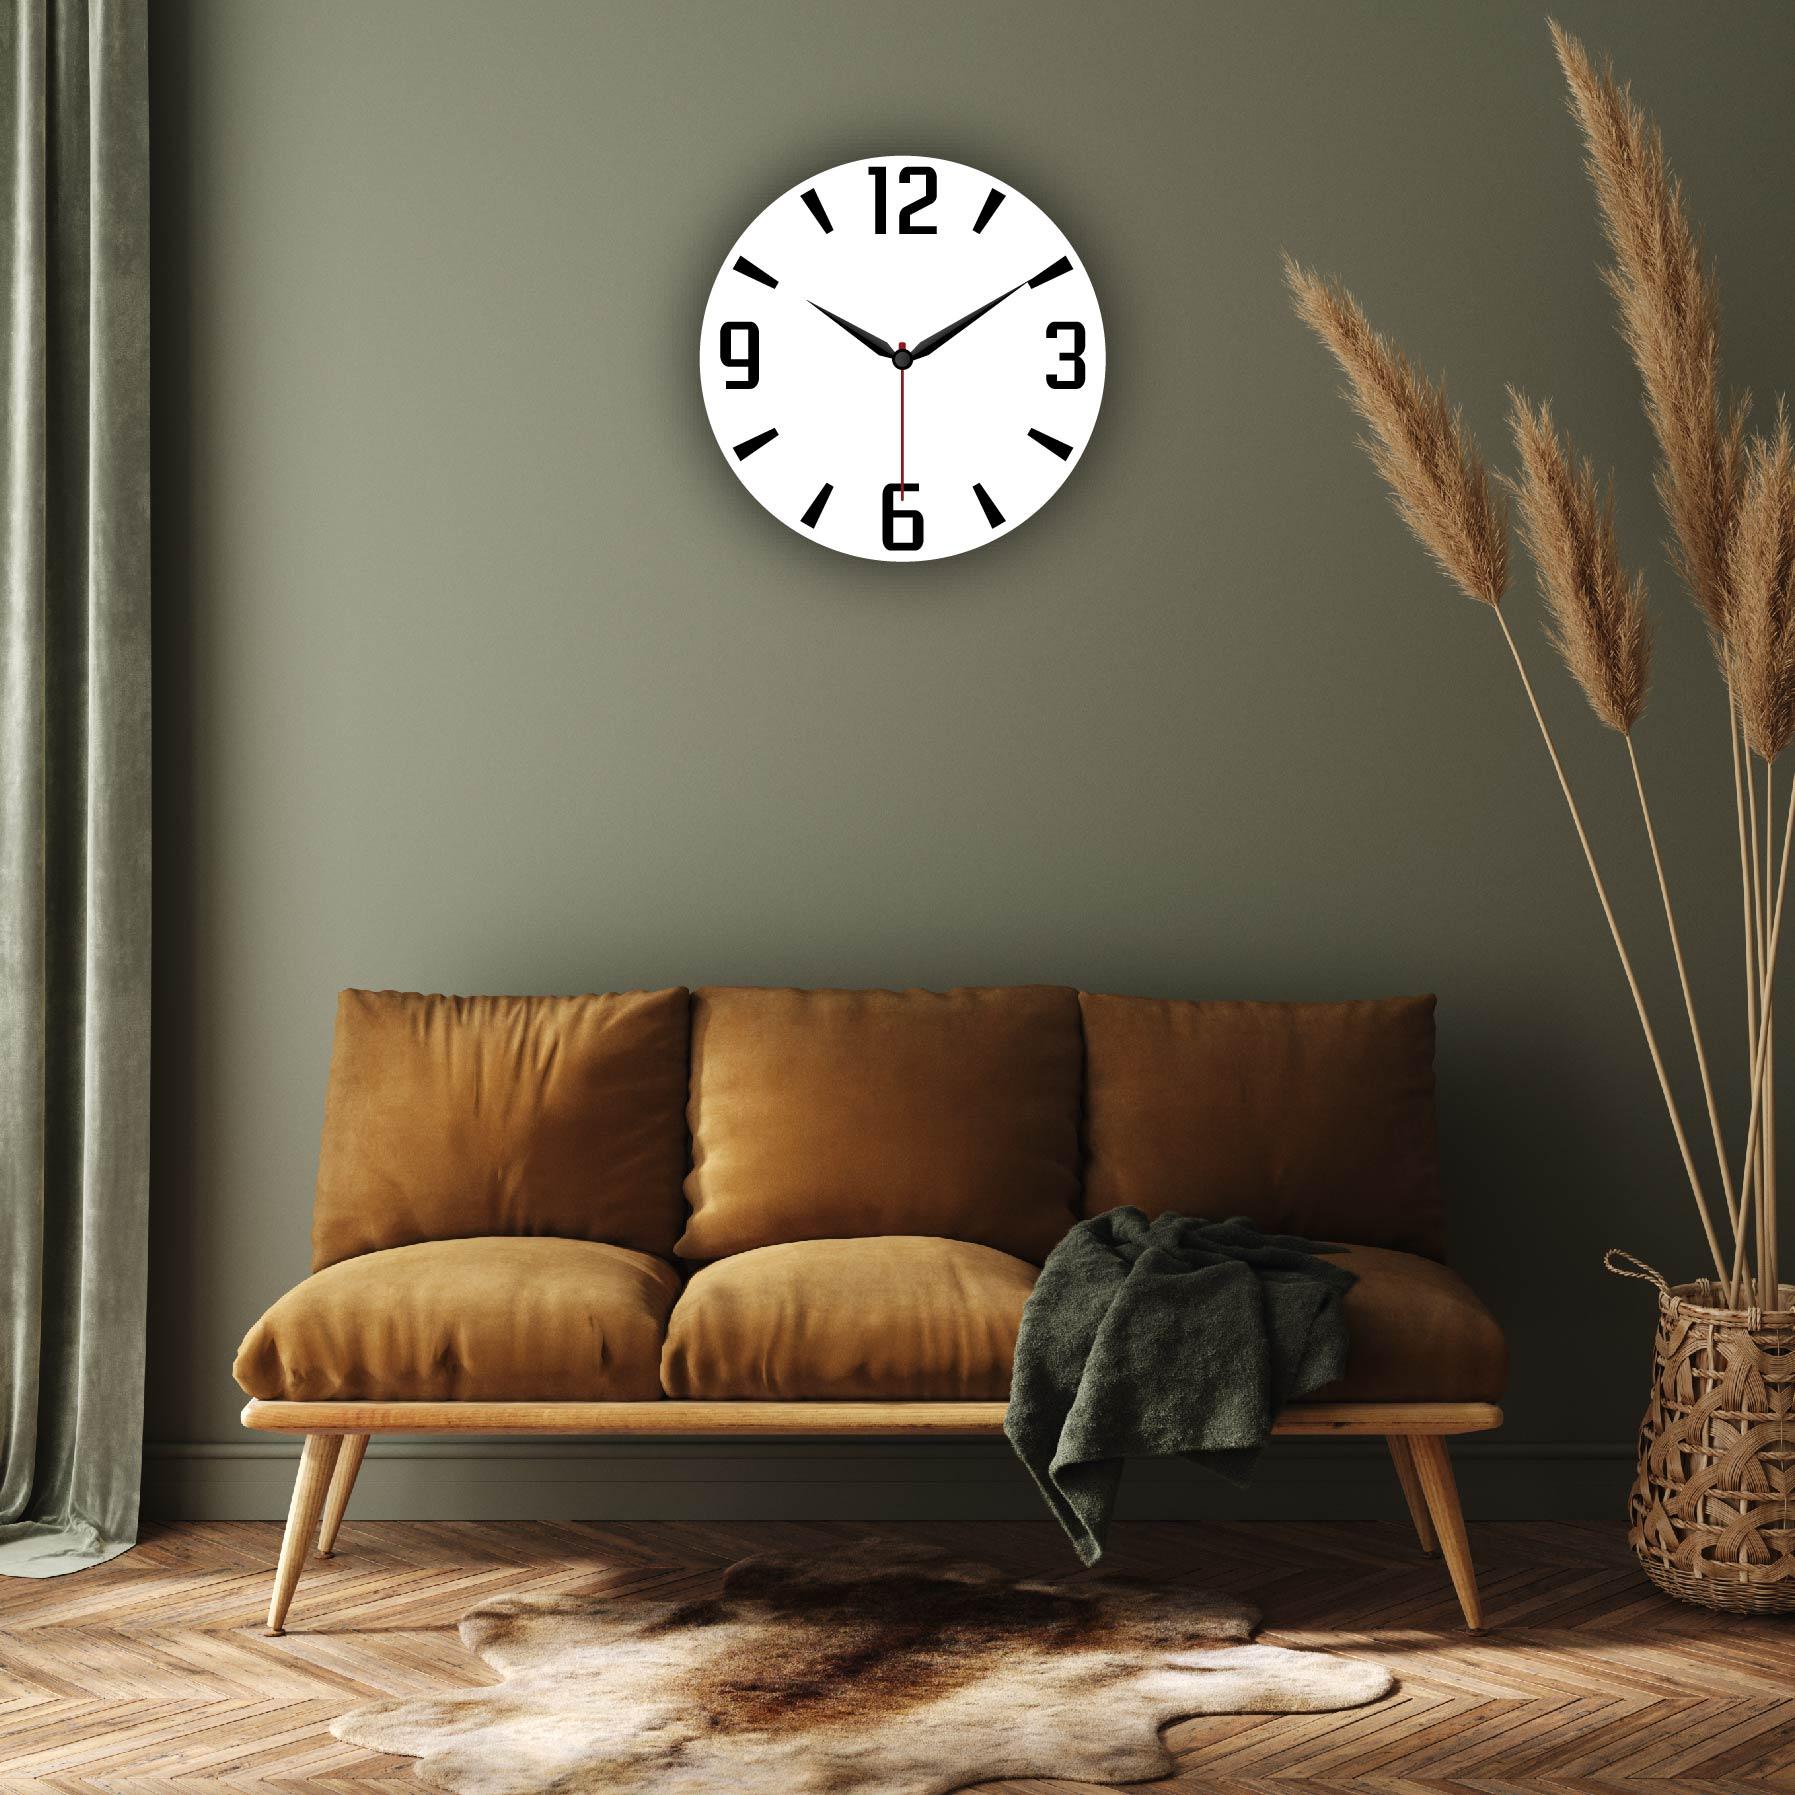 Dijital Baskılı Dekoratif Mdf Duvar Saati Model-102